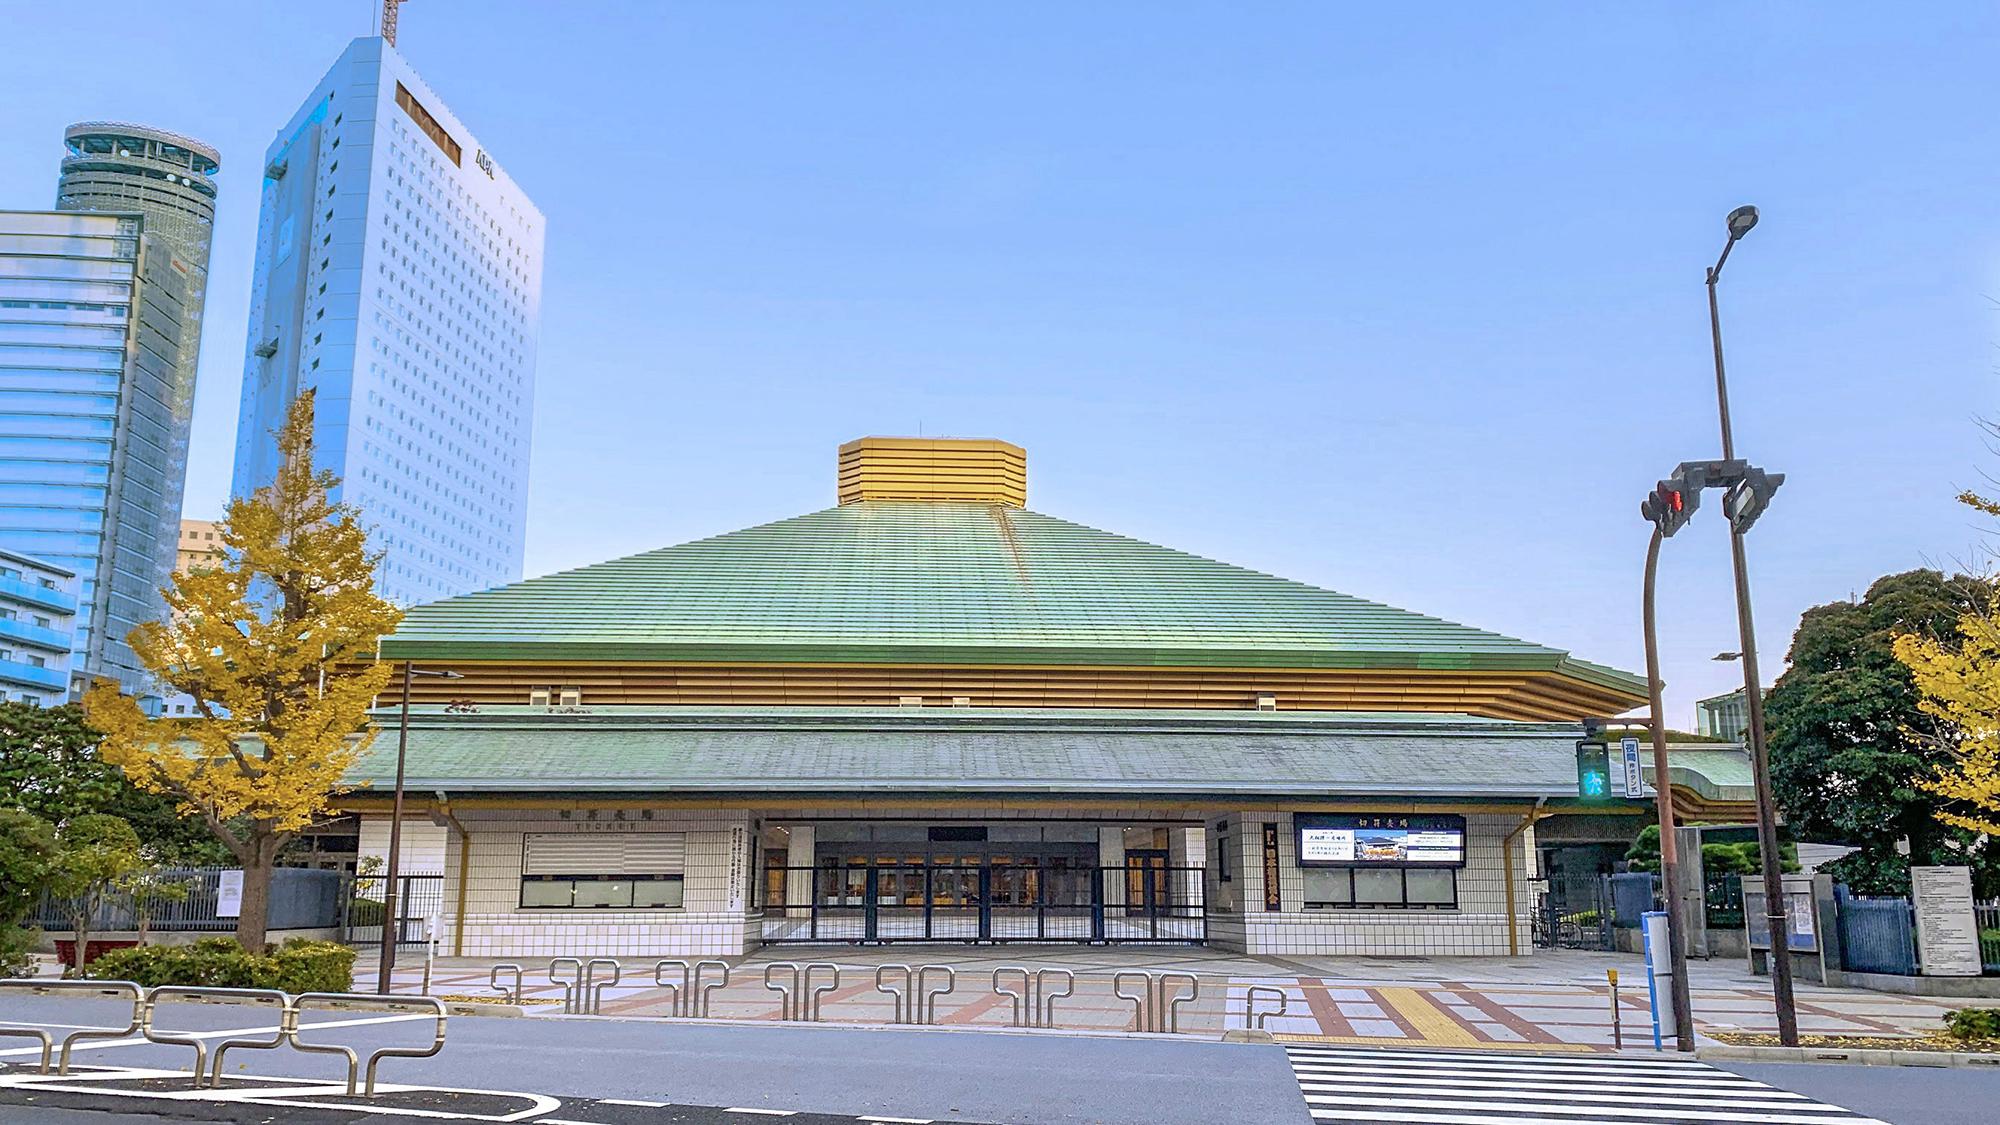 2020年11月開催の「第3回武術太極拳ワールドカップ大会」の会場が東京 ...